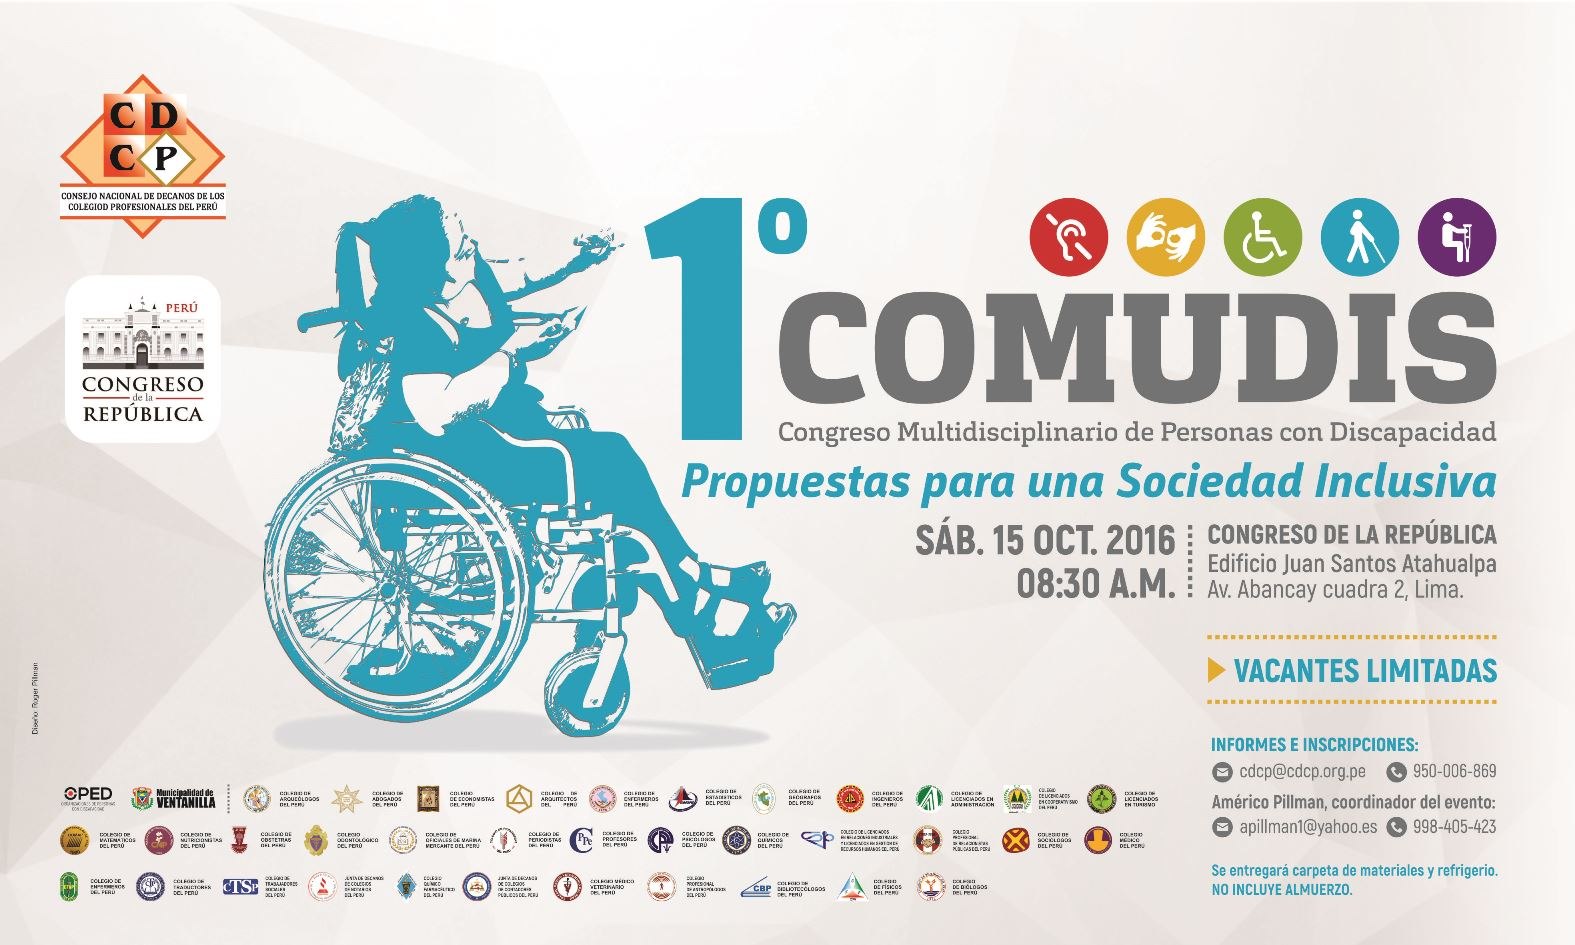 Congreso Multidisciplinario de Personas con Discapacidad. 15 Oct